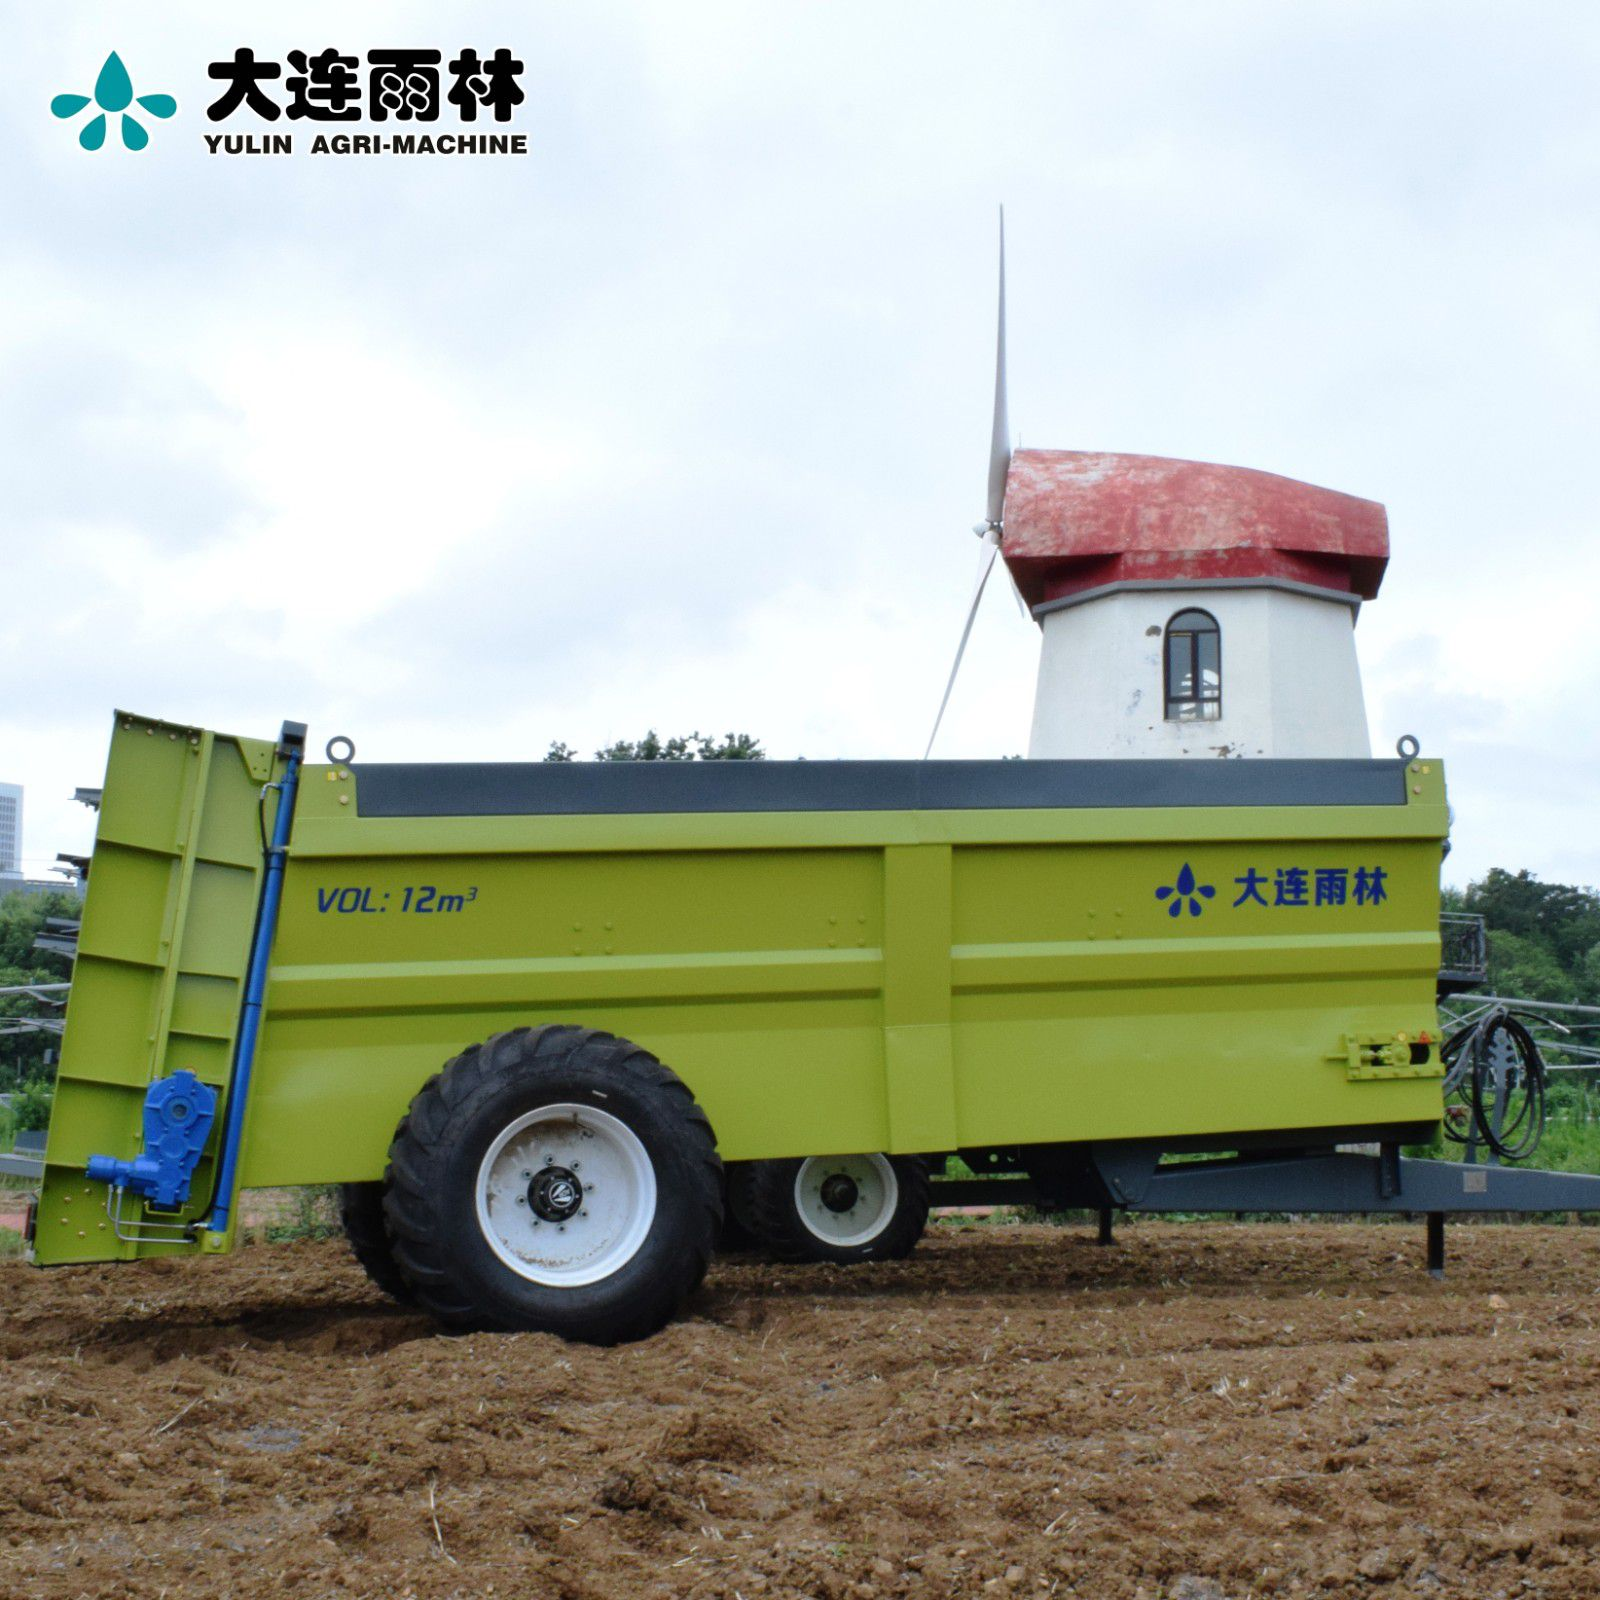 和田全拋式施肥機加工制定